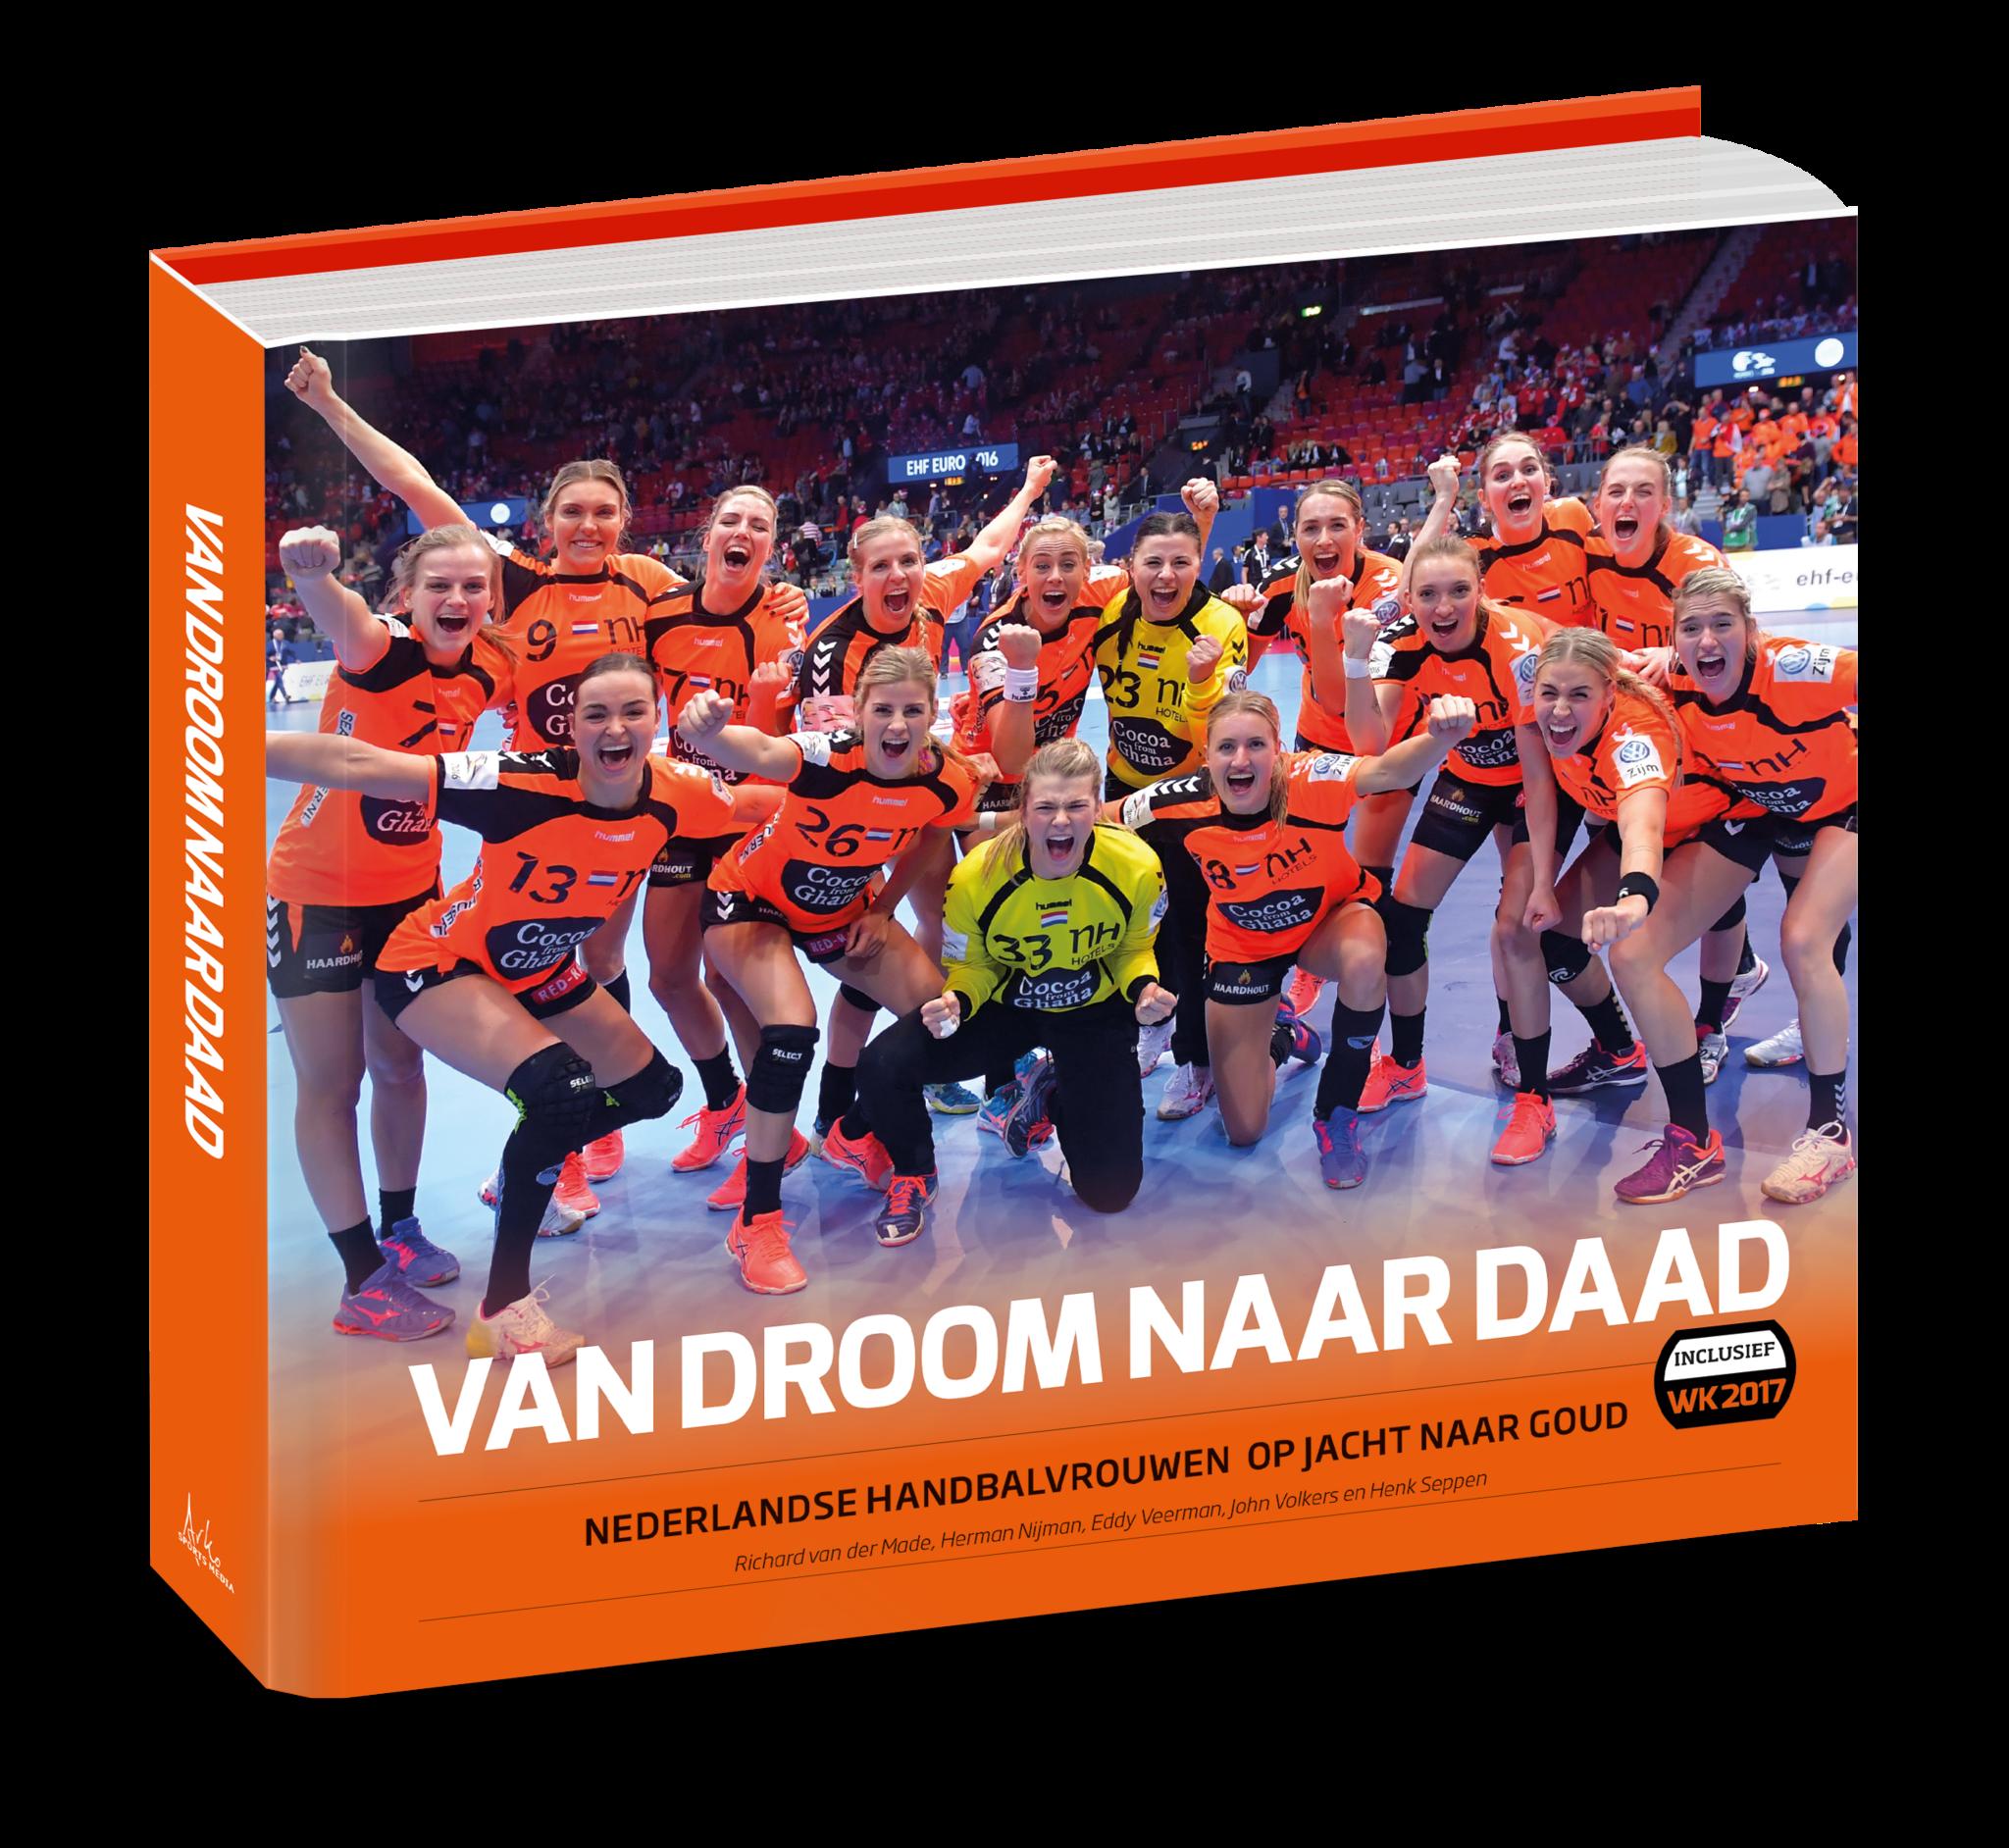 Van Droom Naar Daad